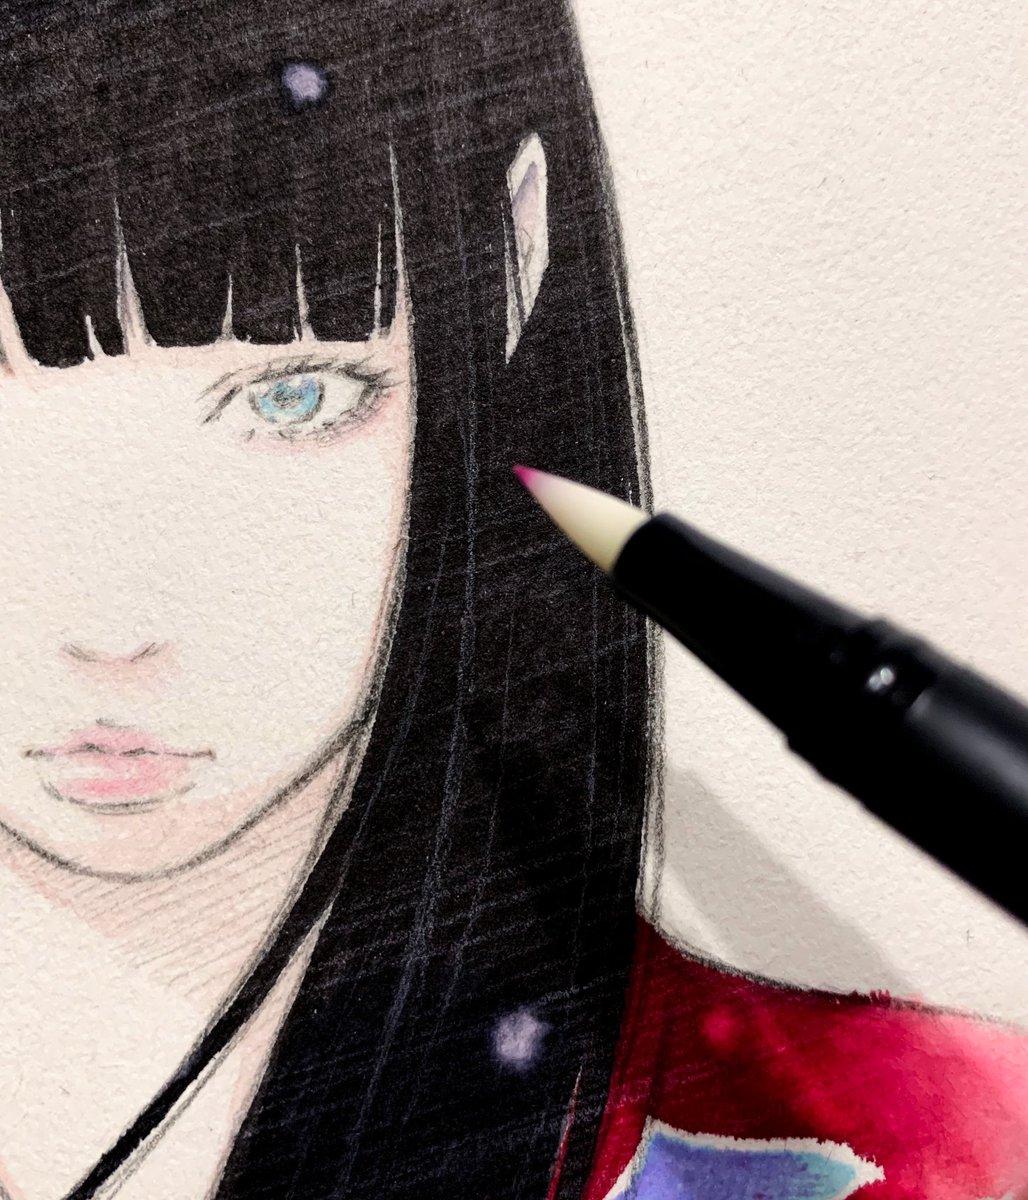 初めて使う水彩ペン。慣れるまでひたすら道具と対話。